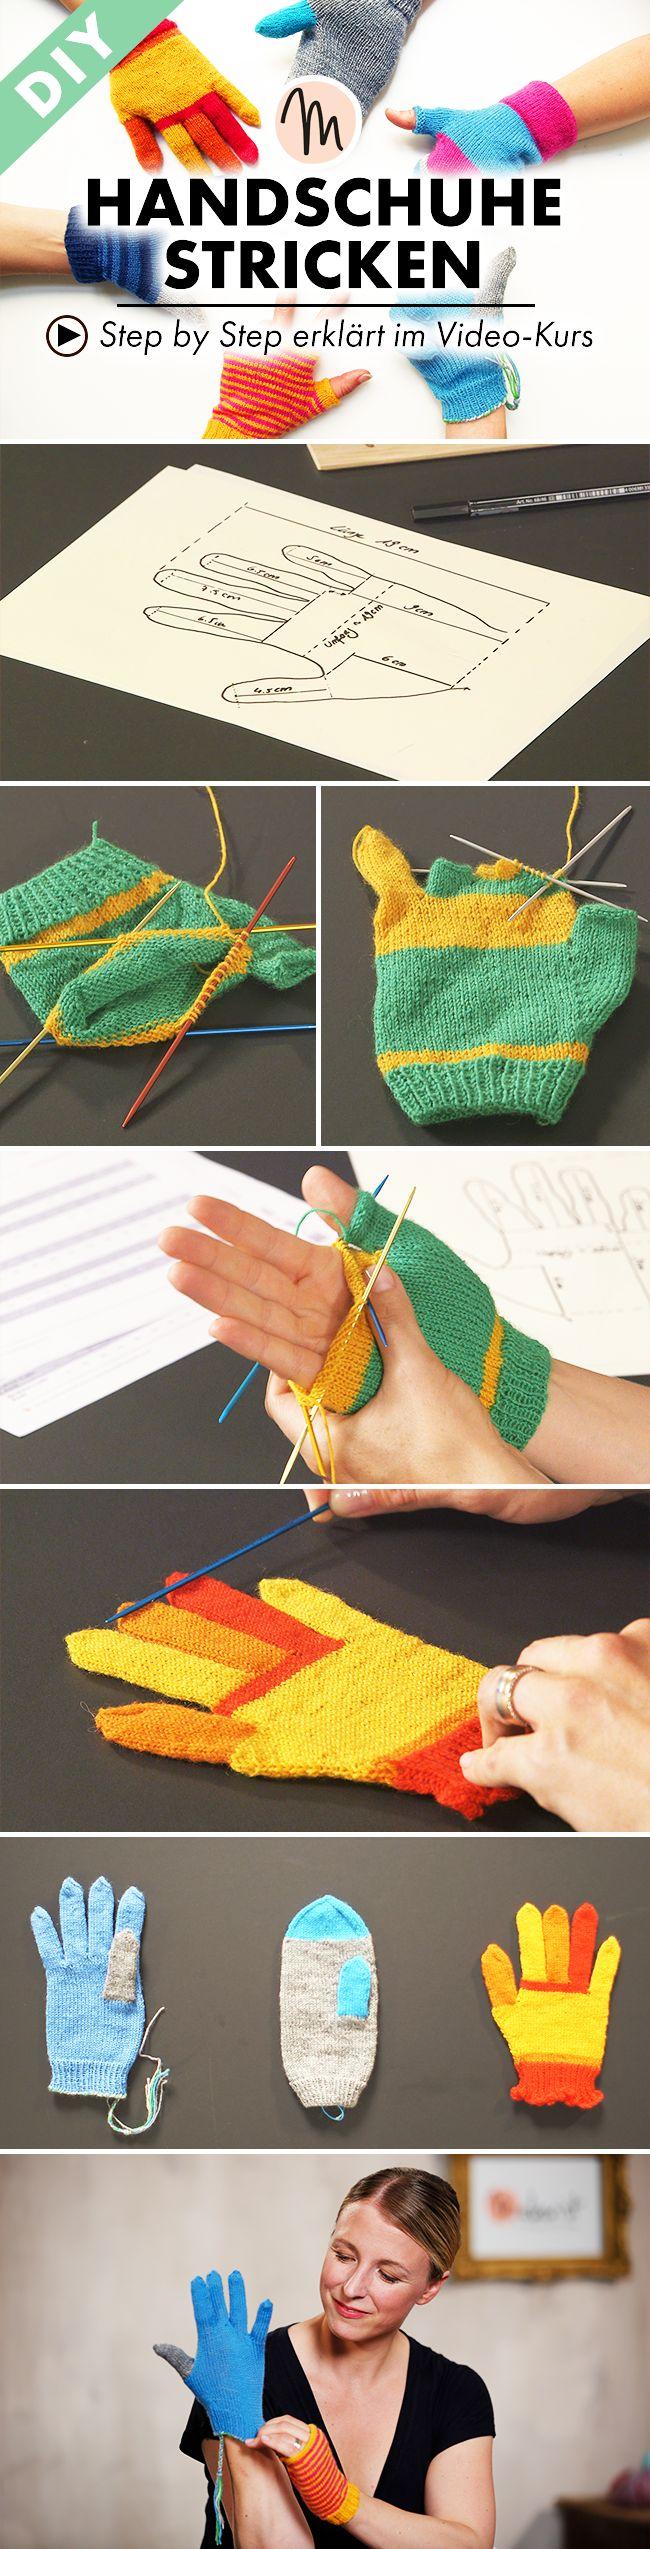 Stricke deine Handschuhe so wie du sie brauchst - Step by Step erklärt im Video-Kurs auf Makerist.de